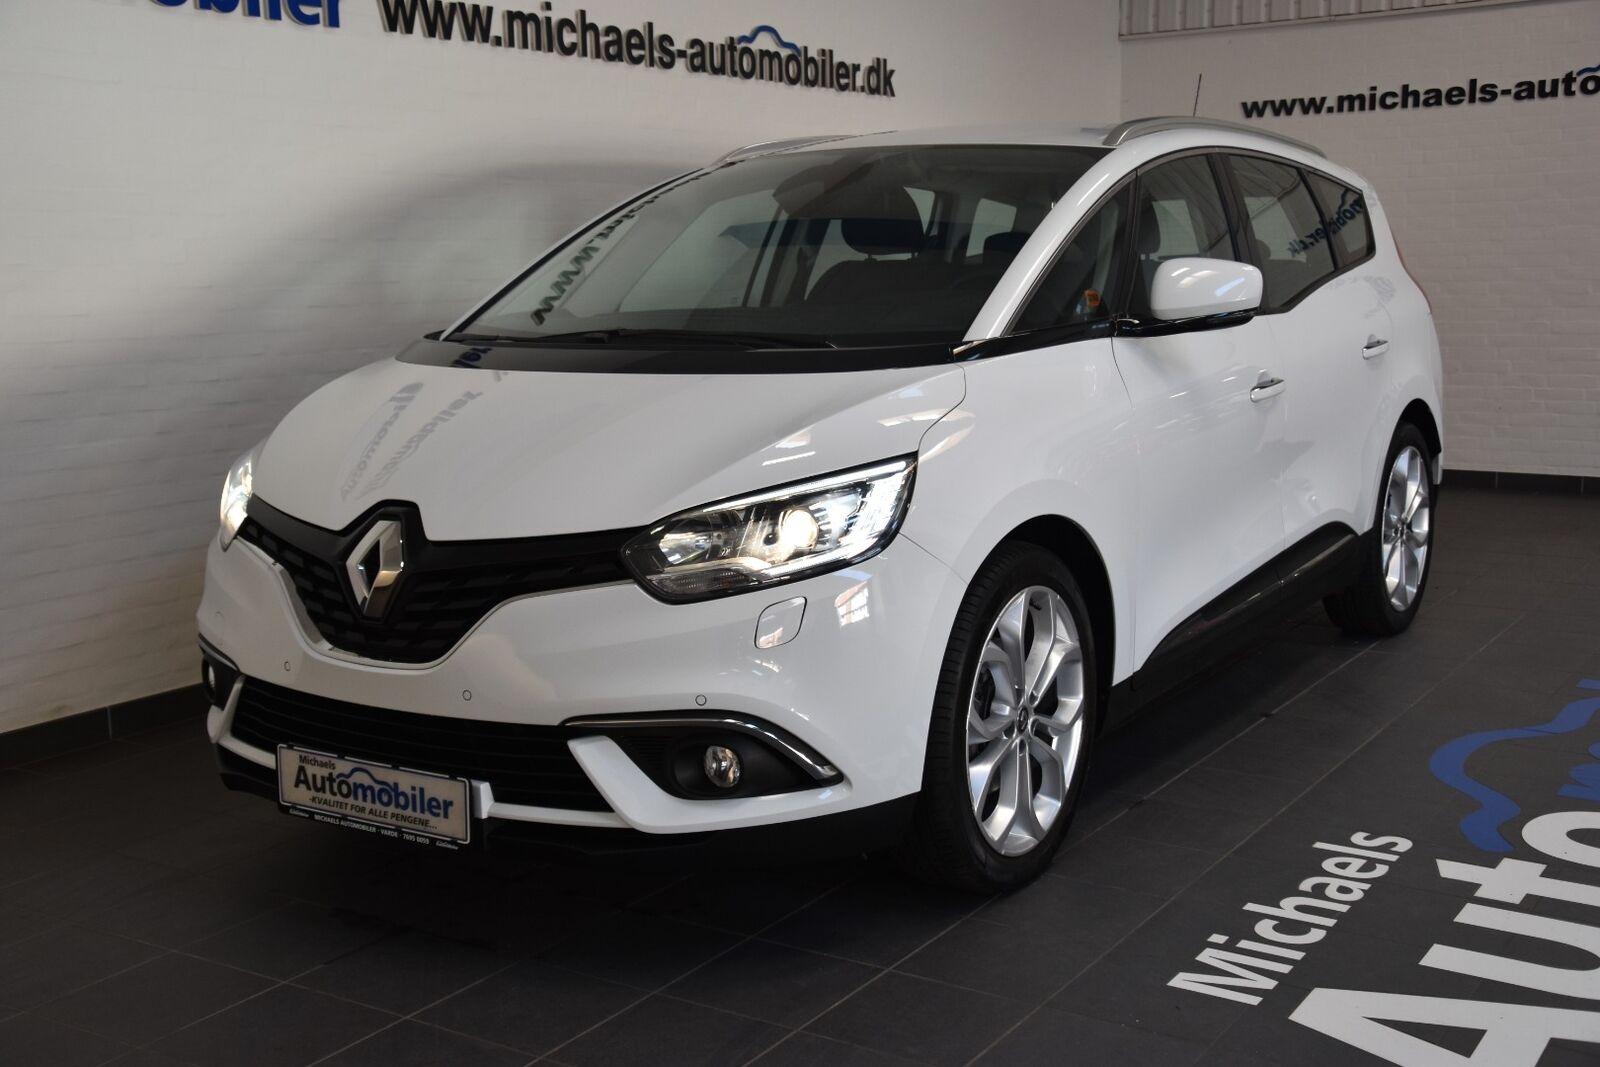 Renault Grand Scenic IV 1,5 dCi 110 Zen 7prs 5d